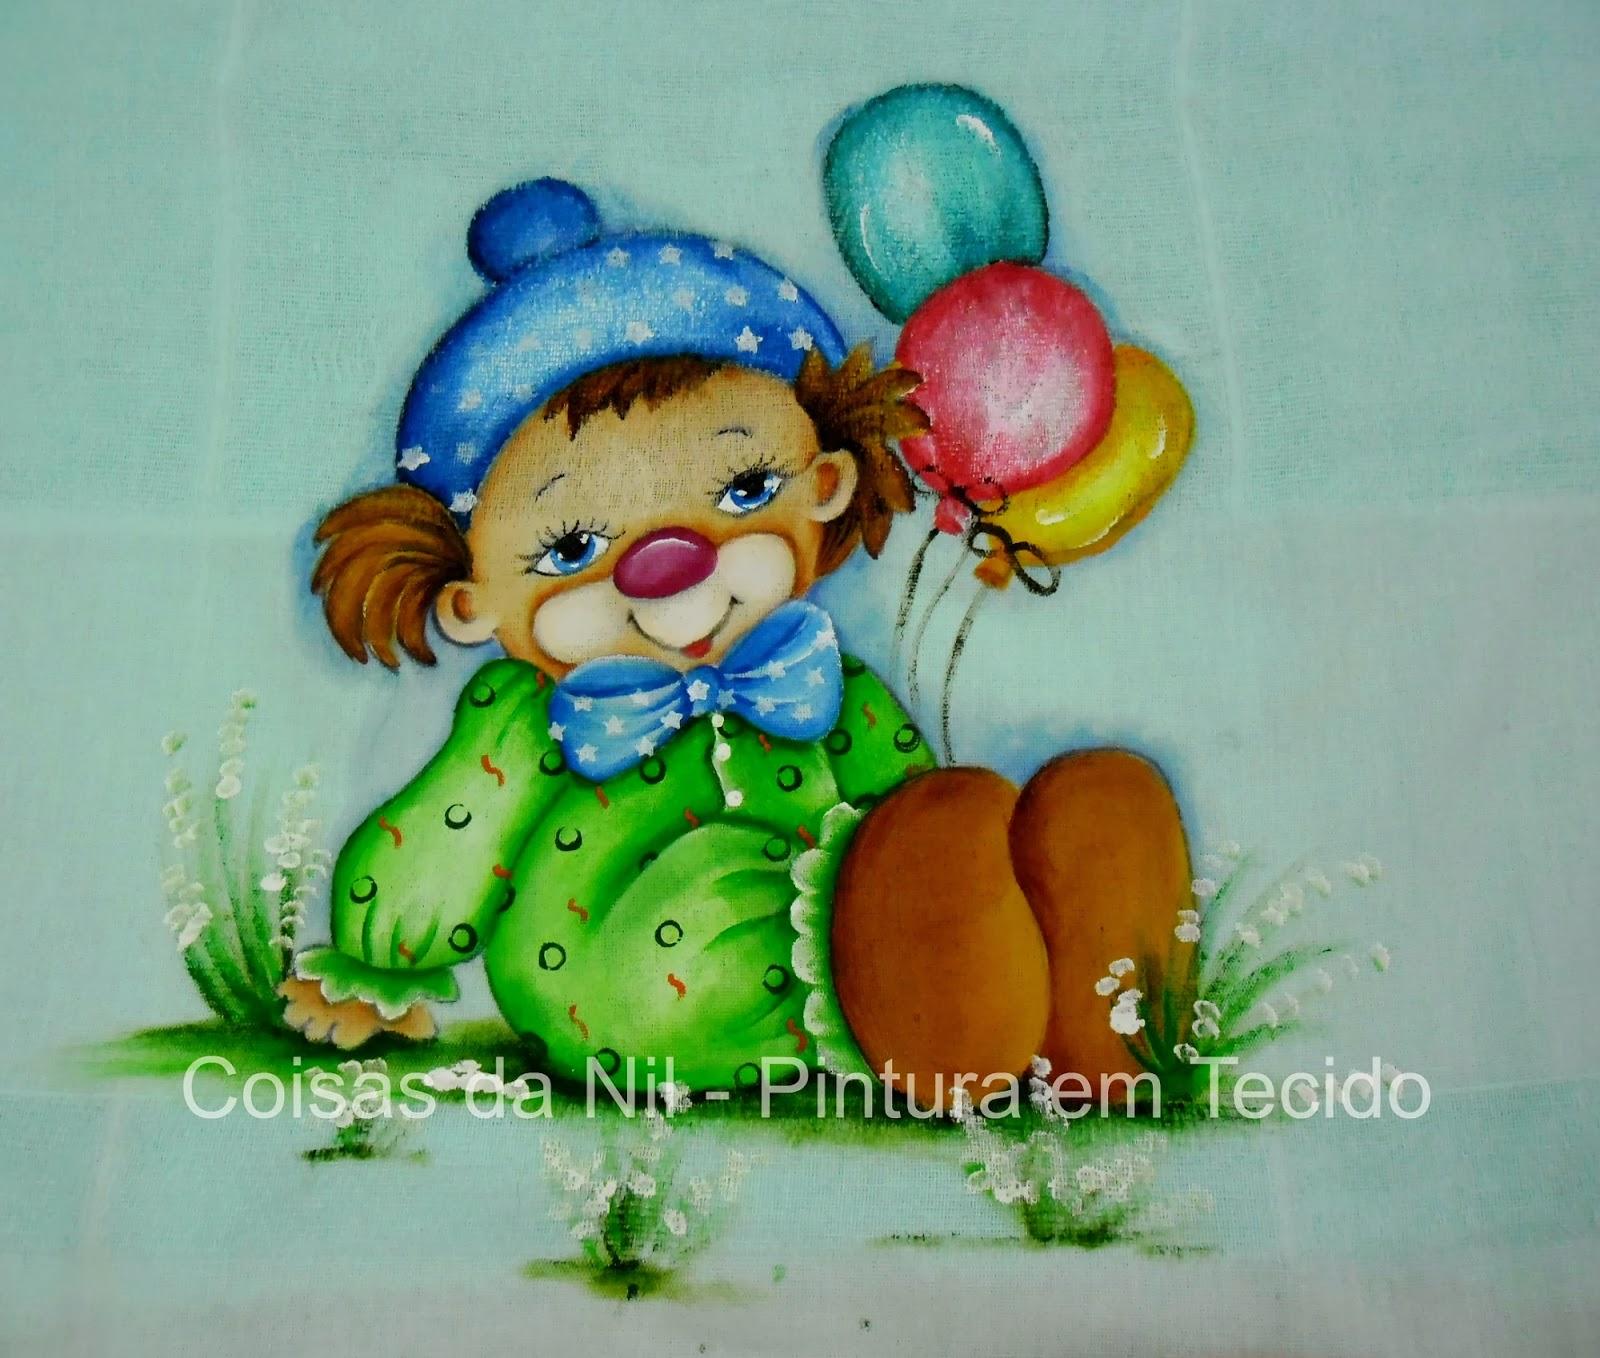 Fralda pintada com palhacinho e balões